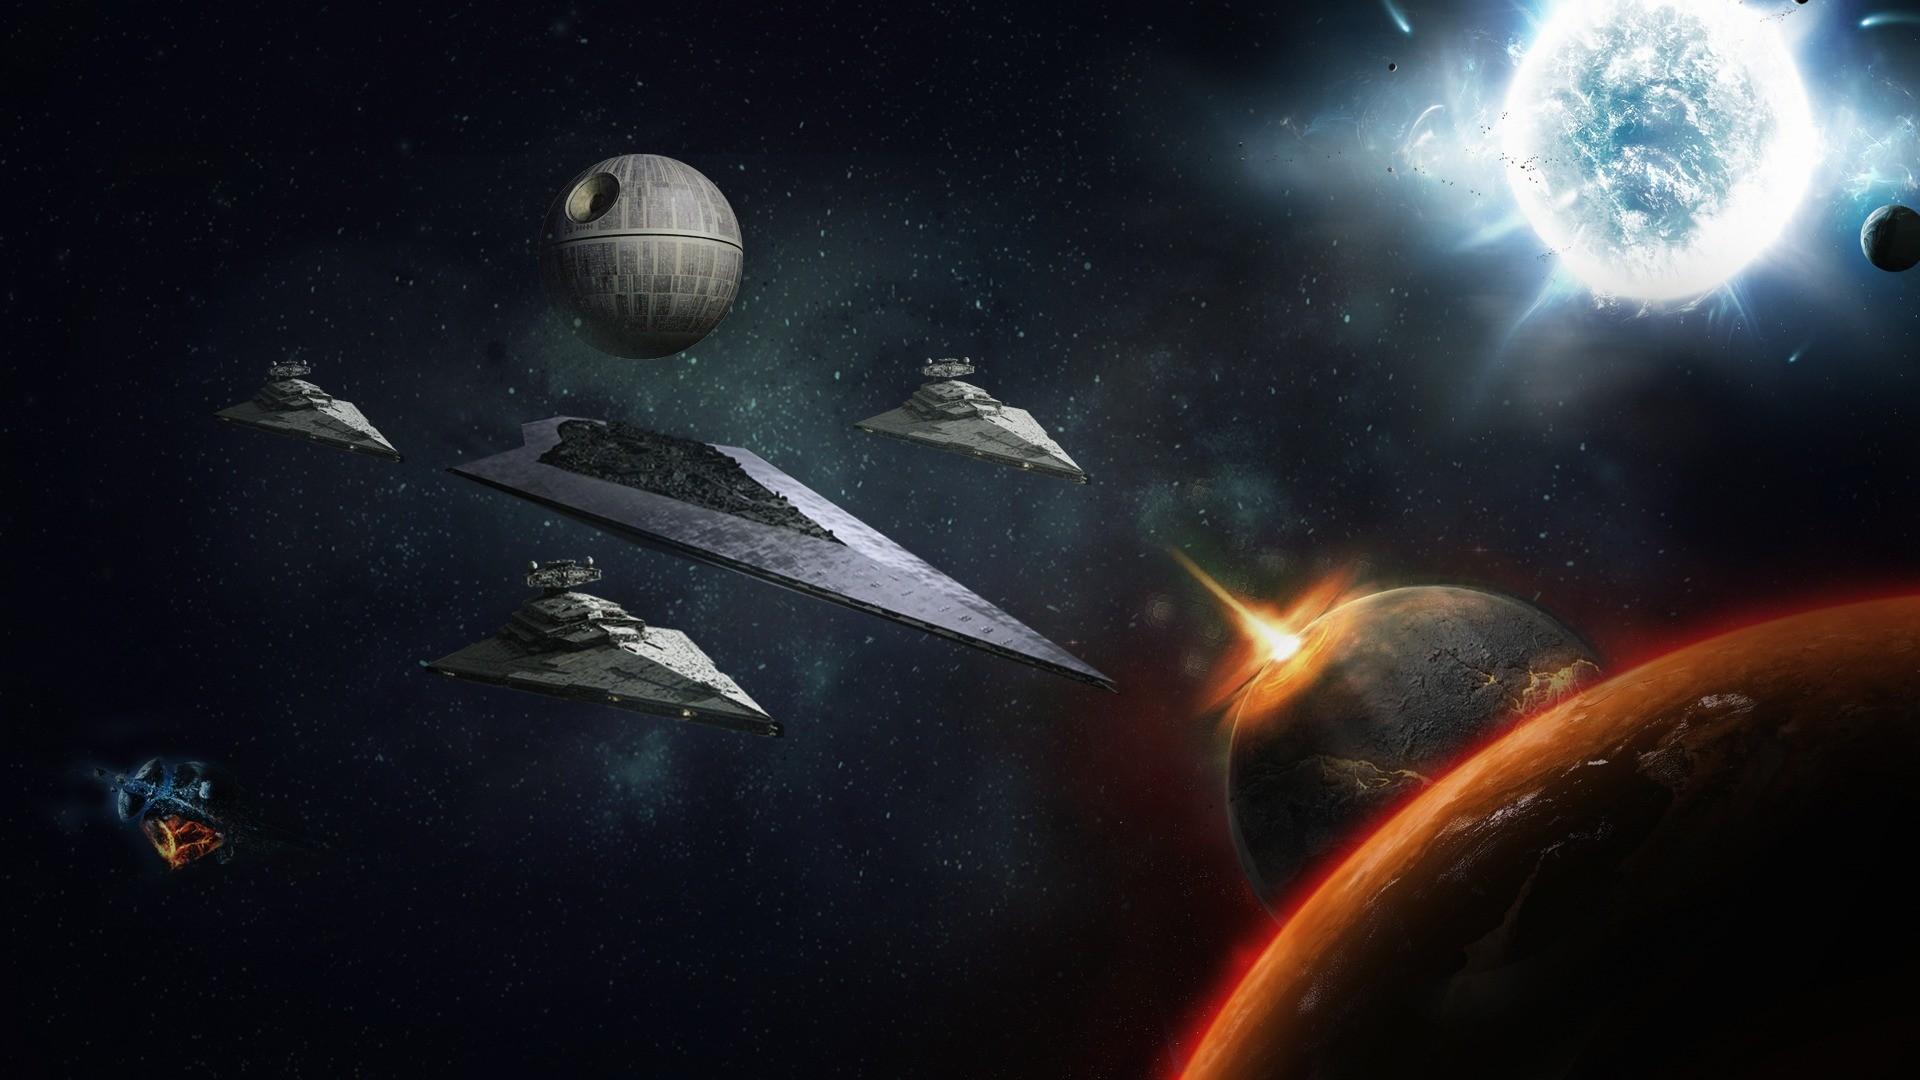 Star Wars Imperial Wallpaper HD - WallpaperSafari